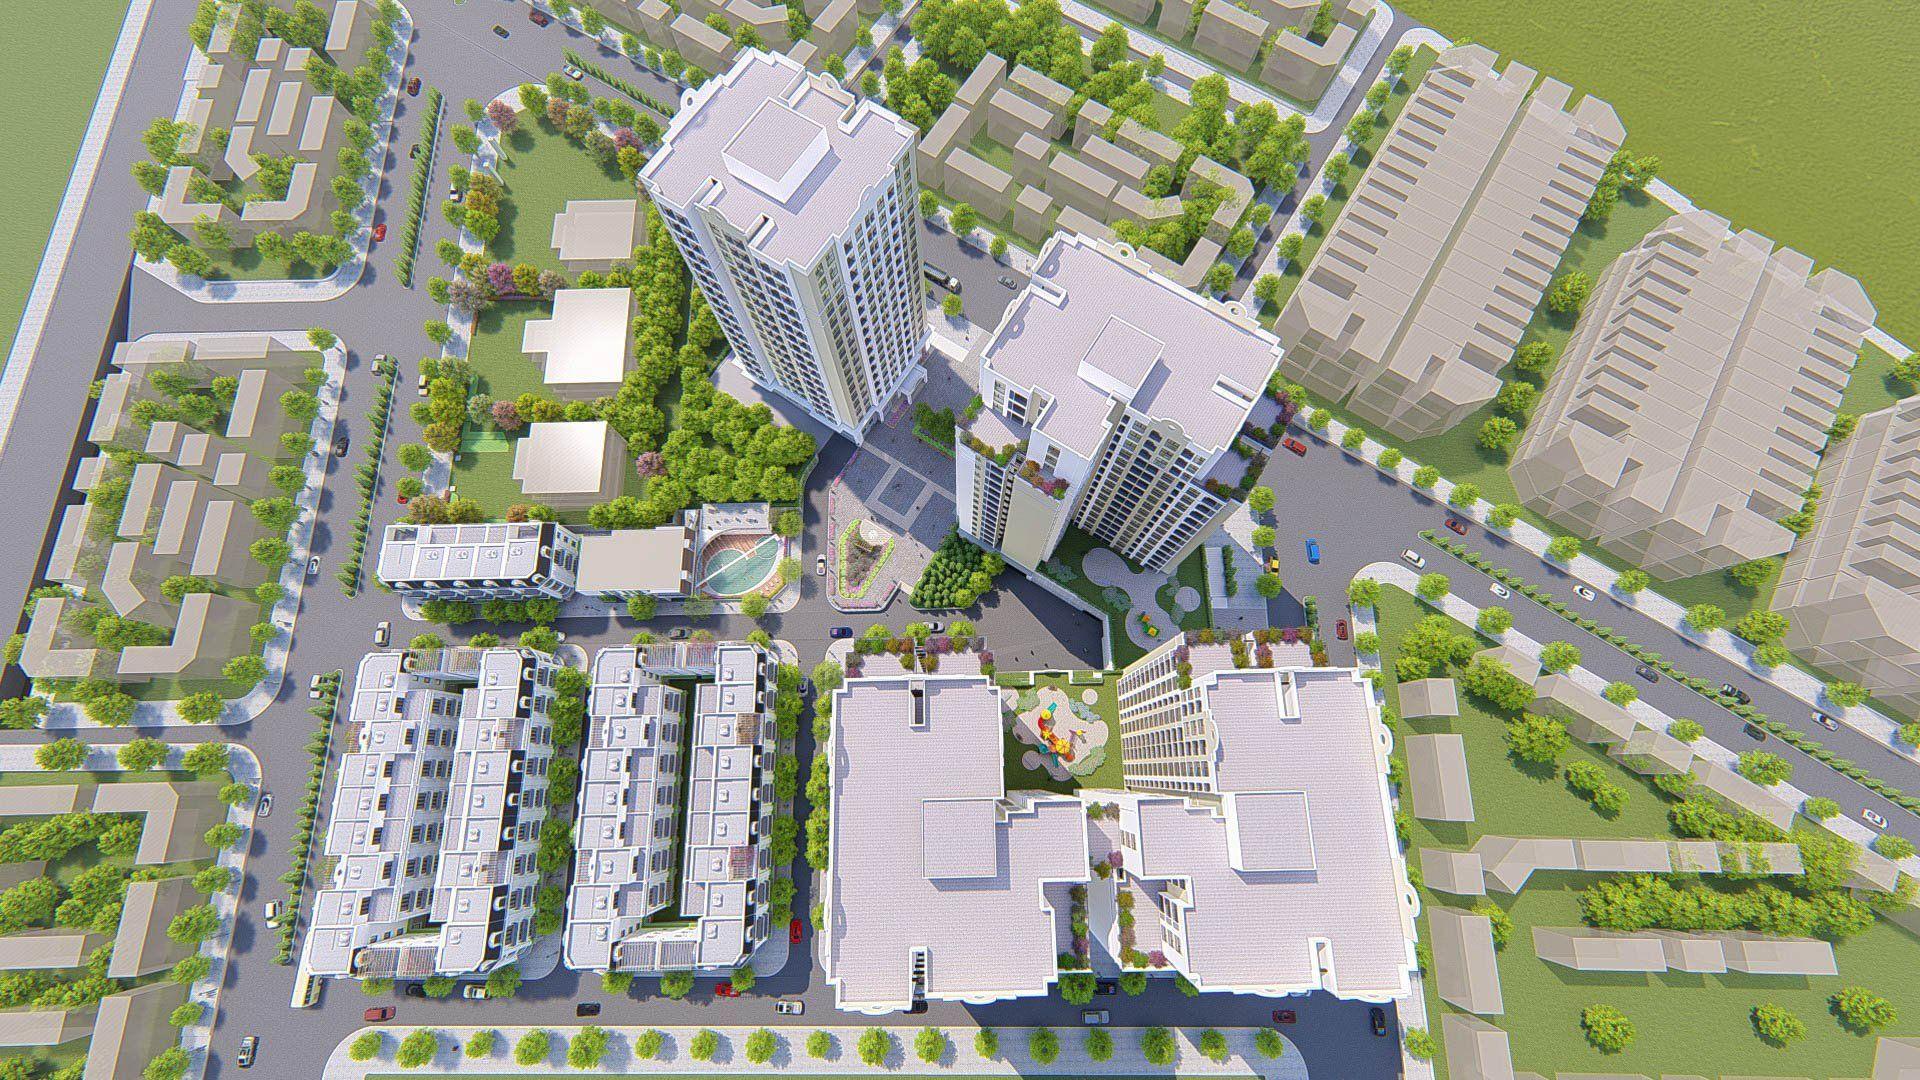 Tư vấn giám sát thi công xây dựng và lắp đặt thiết bị công trình Chung cư cao tầng GP1, GP2, GP3 dự án Nhà ở xã hội số 02 thành phố Lạng Sơn